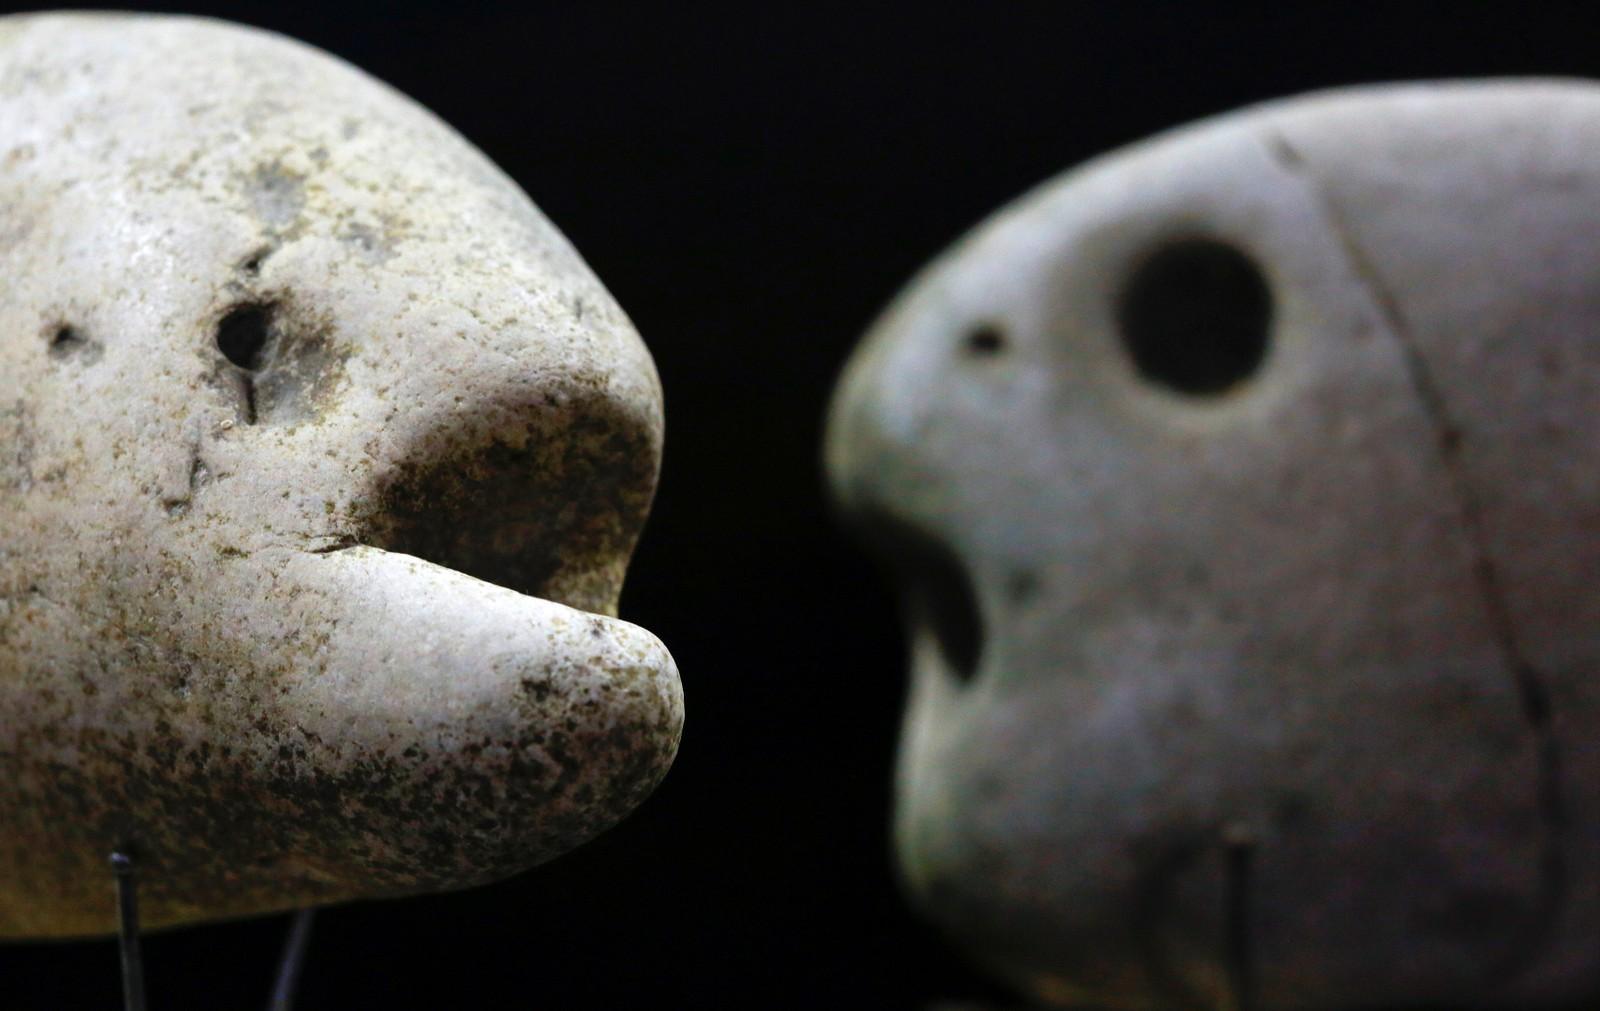 Dette er to av steinene til kunstneren og poeten Luigi Lineri. Han har titusenvis av dem. De fleste ligner dyr eller mennesker. Lineri har samlet dem ved elven Adige, nær Verona i Nord-Italia i 50 år. Adige er Italias nest lengste elv, etter Po, som er den lengste. Til Reuters sier Lineri at han vurderer å legge alle steinene tilbake ved elven igjen. Bildet er tatt den 16. august.